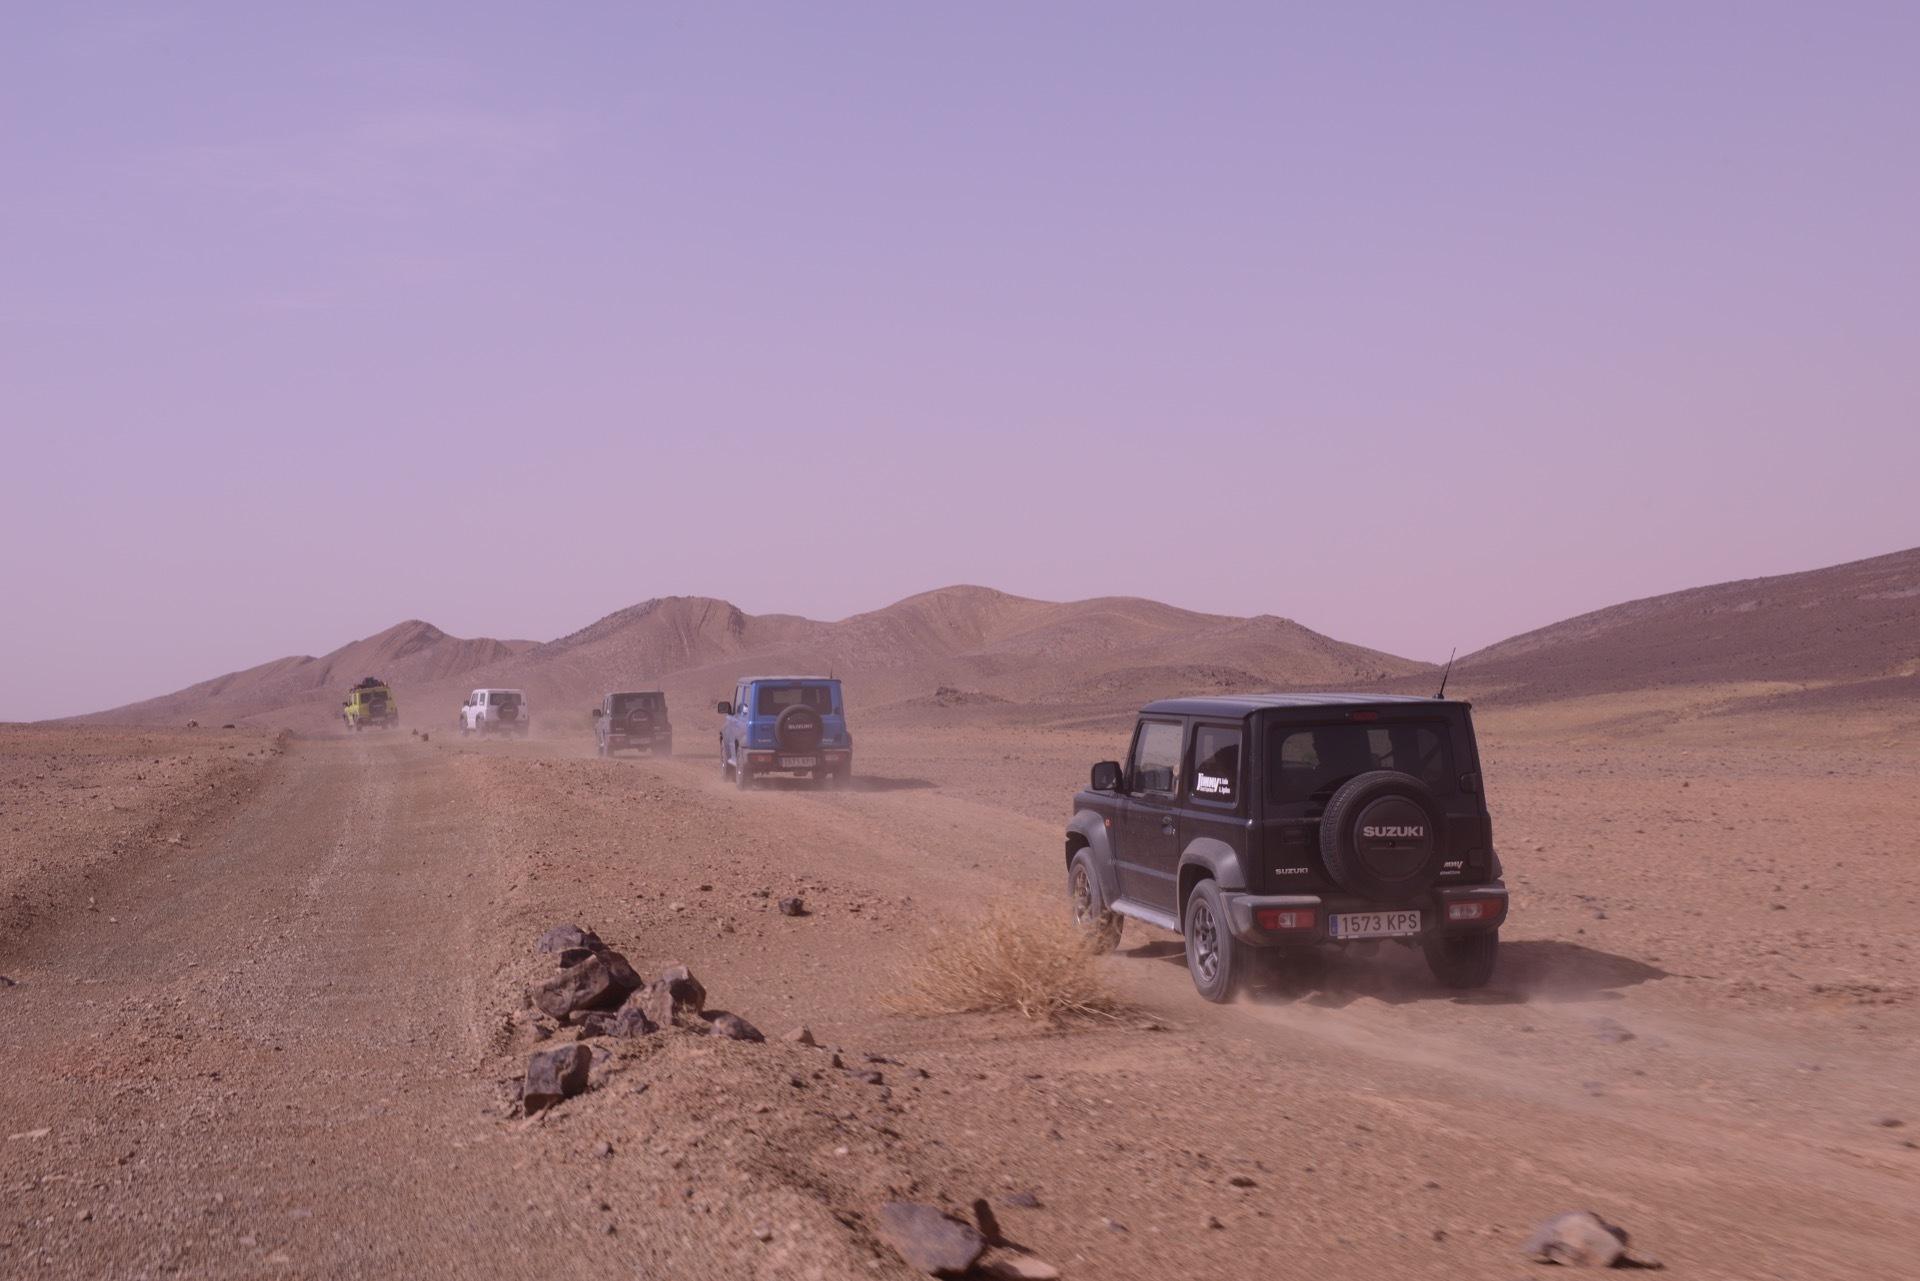 Suzuki Jimny Desert Experience 2019 00270